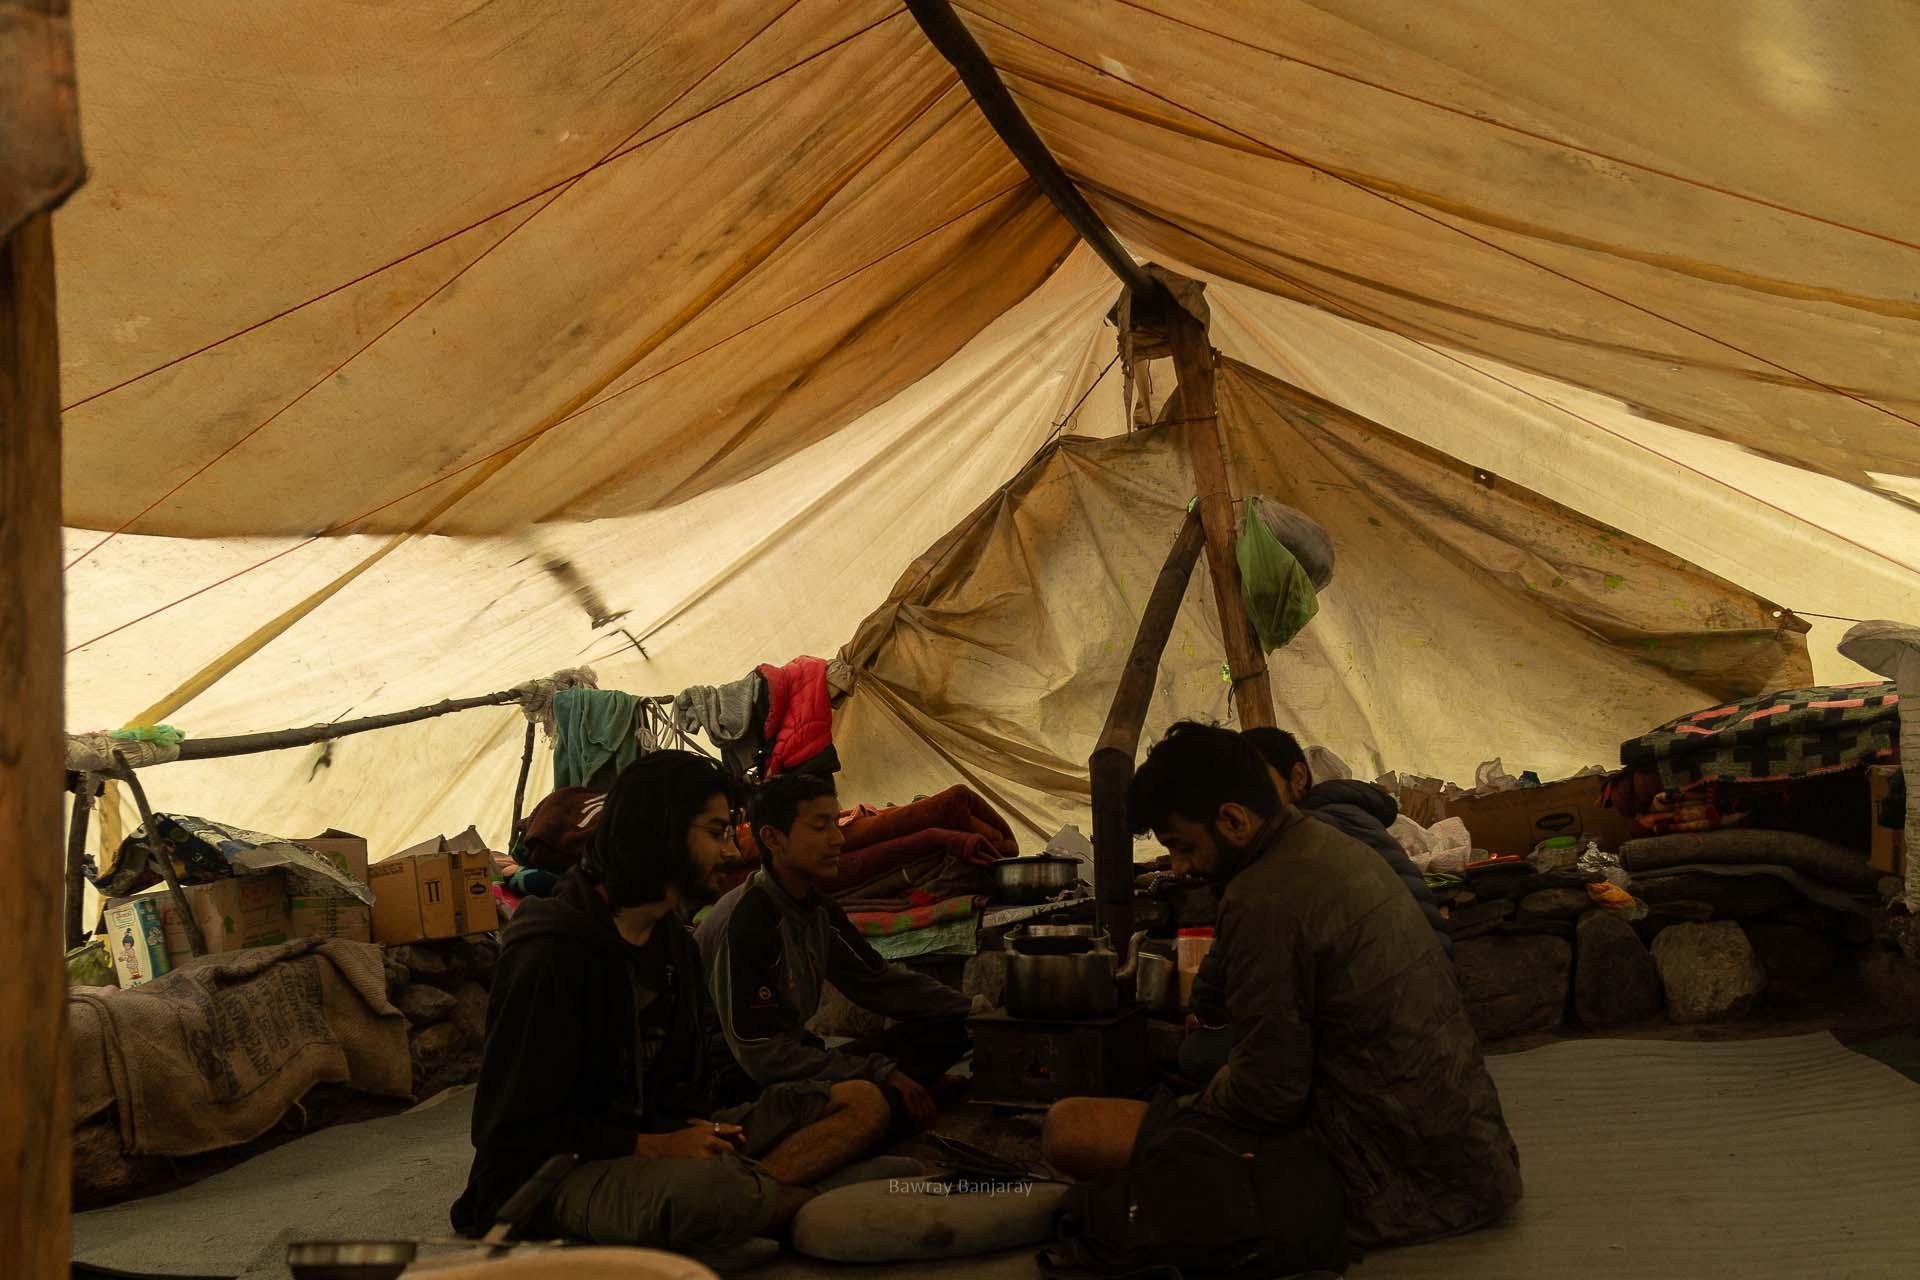 bawray banjaray at cheeka during hampta trek